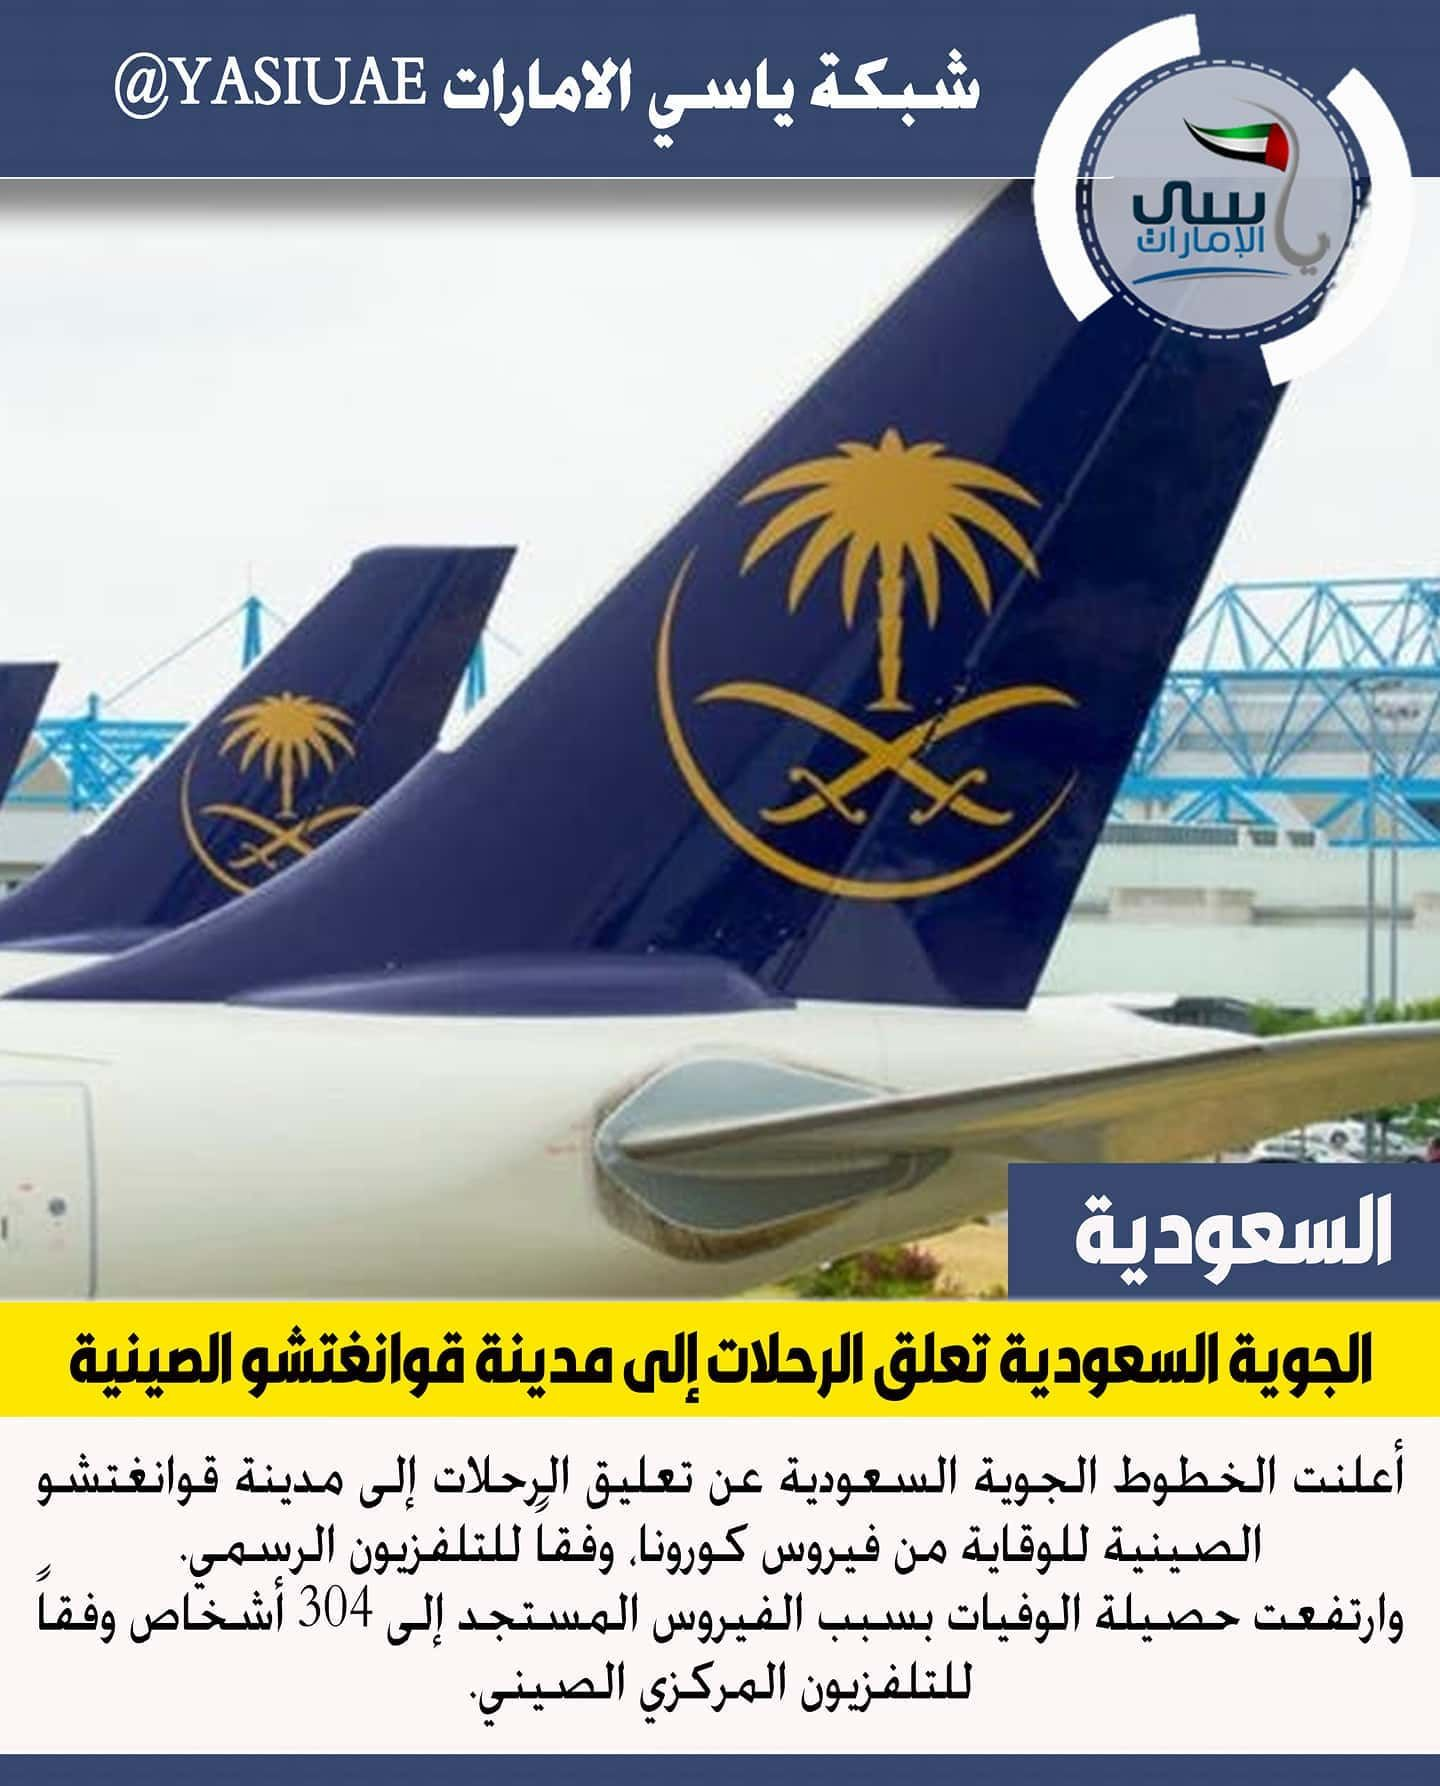 فيروس كورونا الخطوط الجوية السعودية تعلق الرحلات إلى مدينة قوانغتشو الصينية ياسي الامارات شبكة ياسي الامارات اخبار العالم اخبار اخبار الامارات ابوظبي